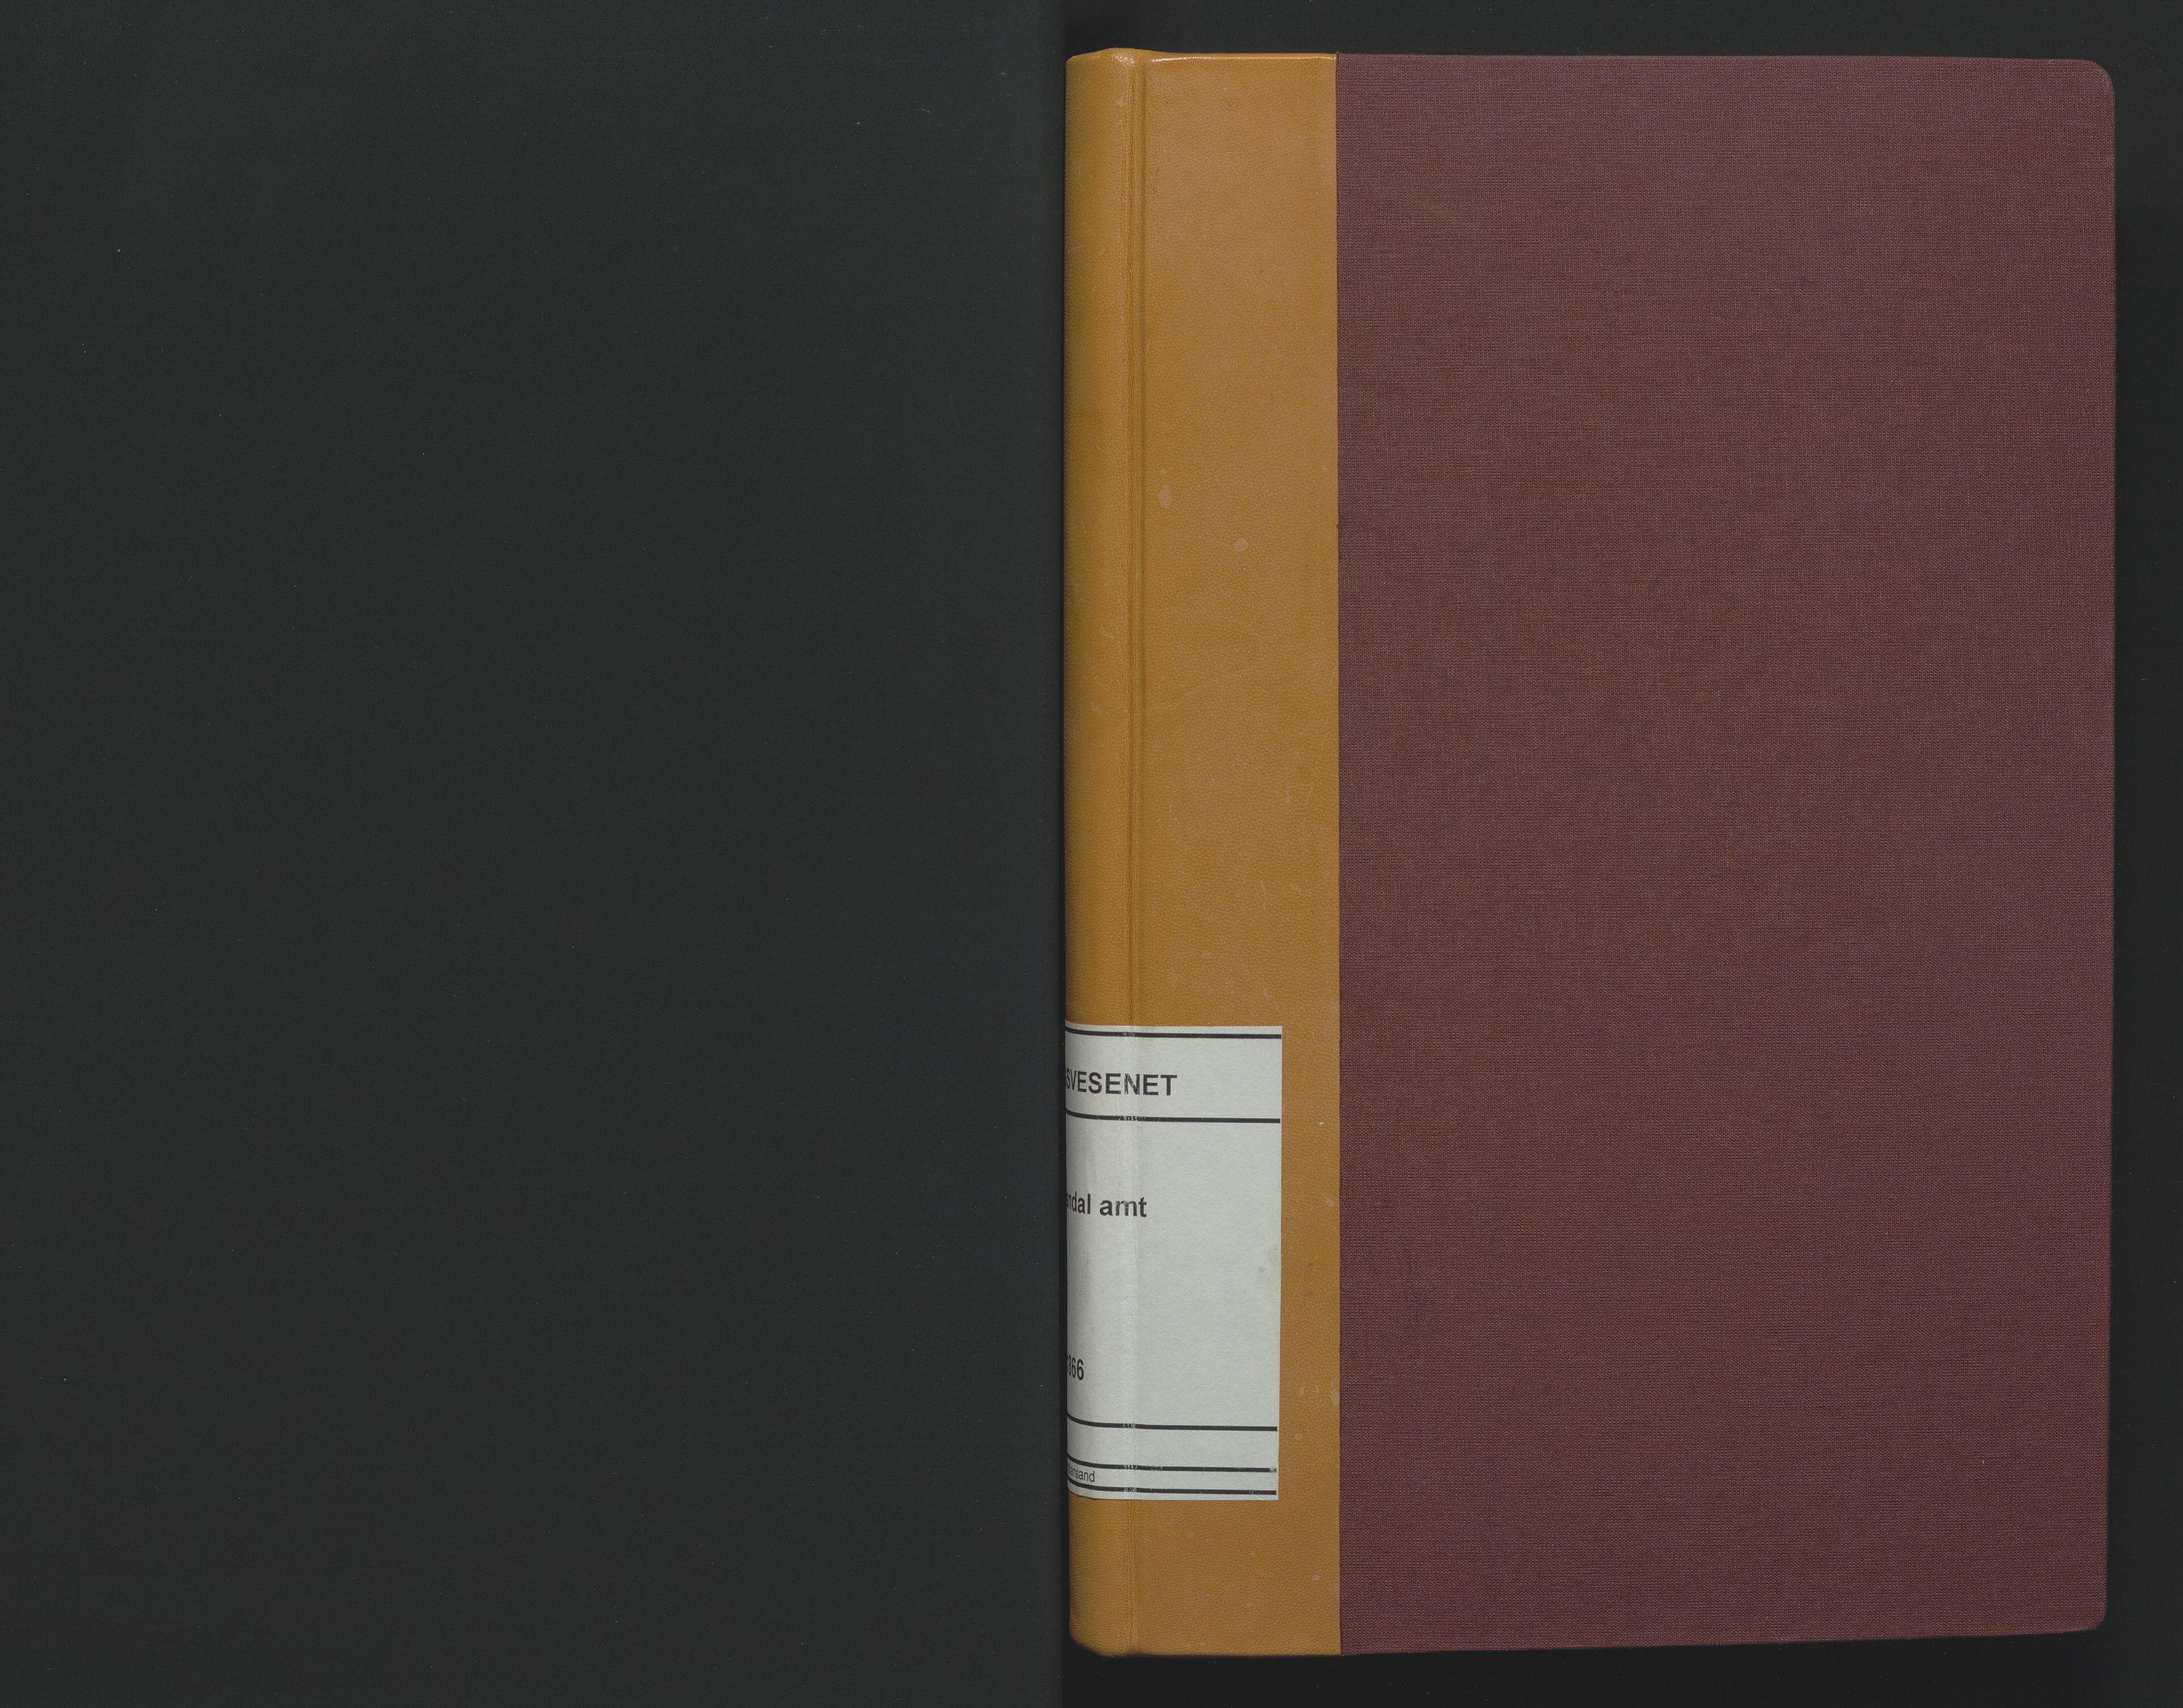 SAK, Utskiftningsformannen i Lister og Mandal amt, F/Fa/Faa/L0004: Utskiftningsprotokoll med register nr 4, 1862-1866